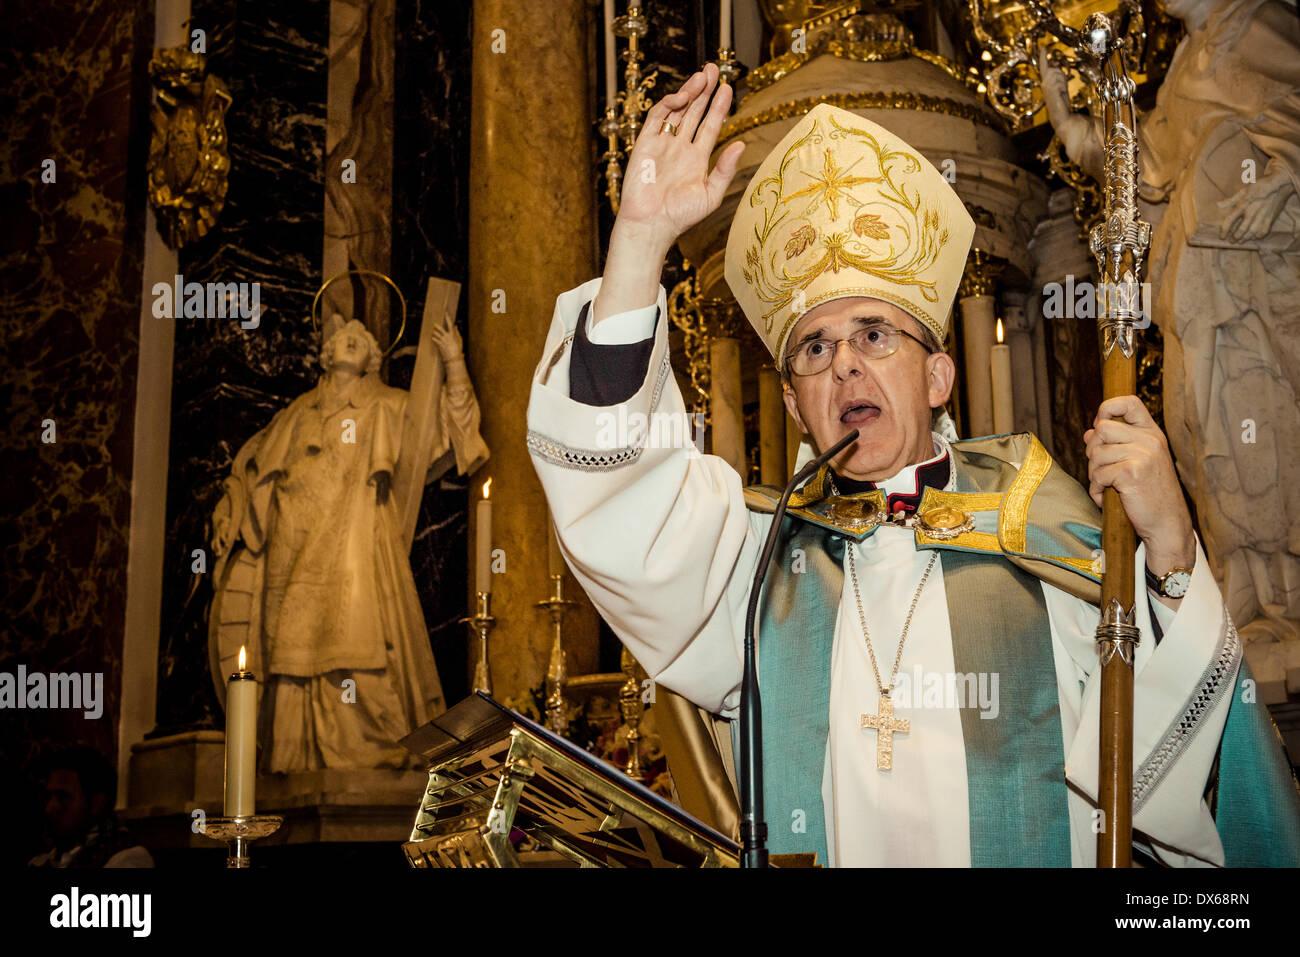 Valence, Espagne. 18 mars 2014: l'archevêque de Valence, Carlos Osoro, célèbre une cérémonie après la fleur offre Banque D'Images